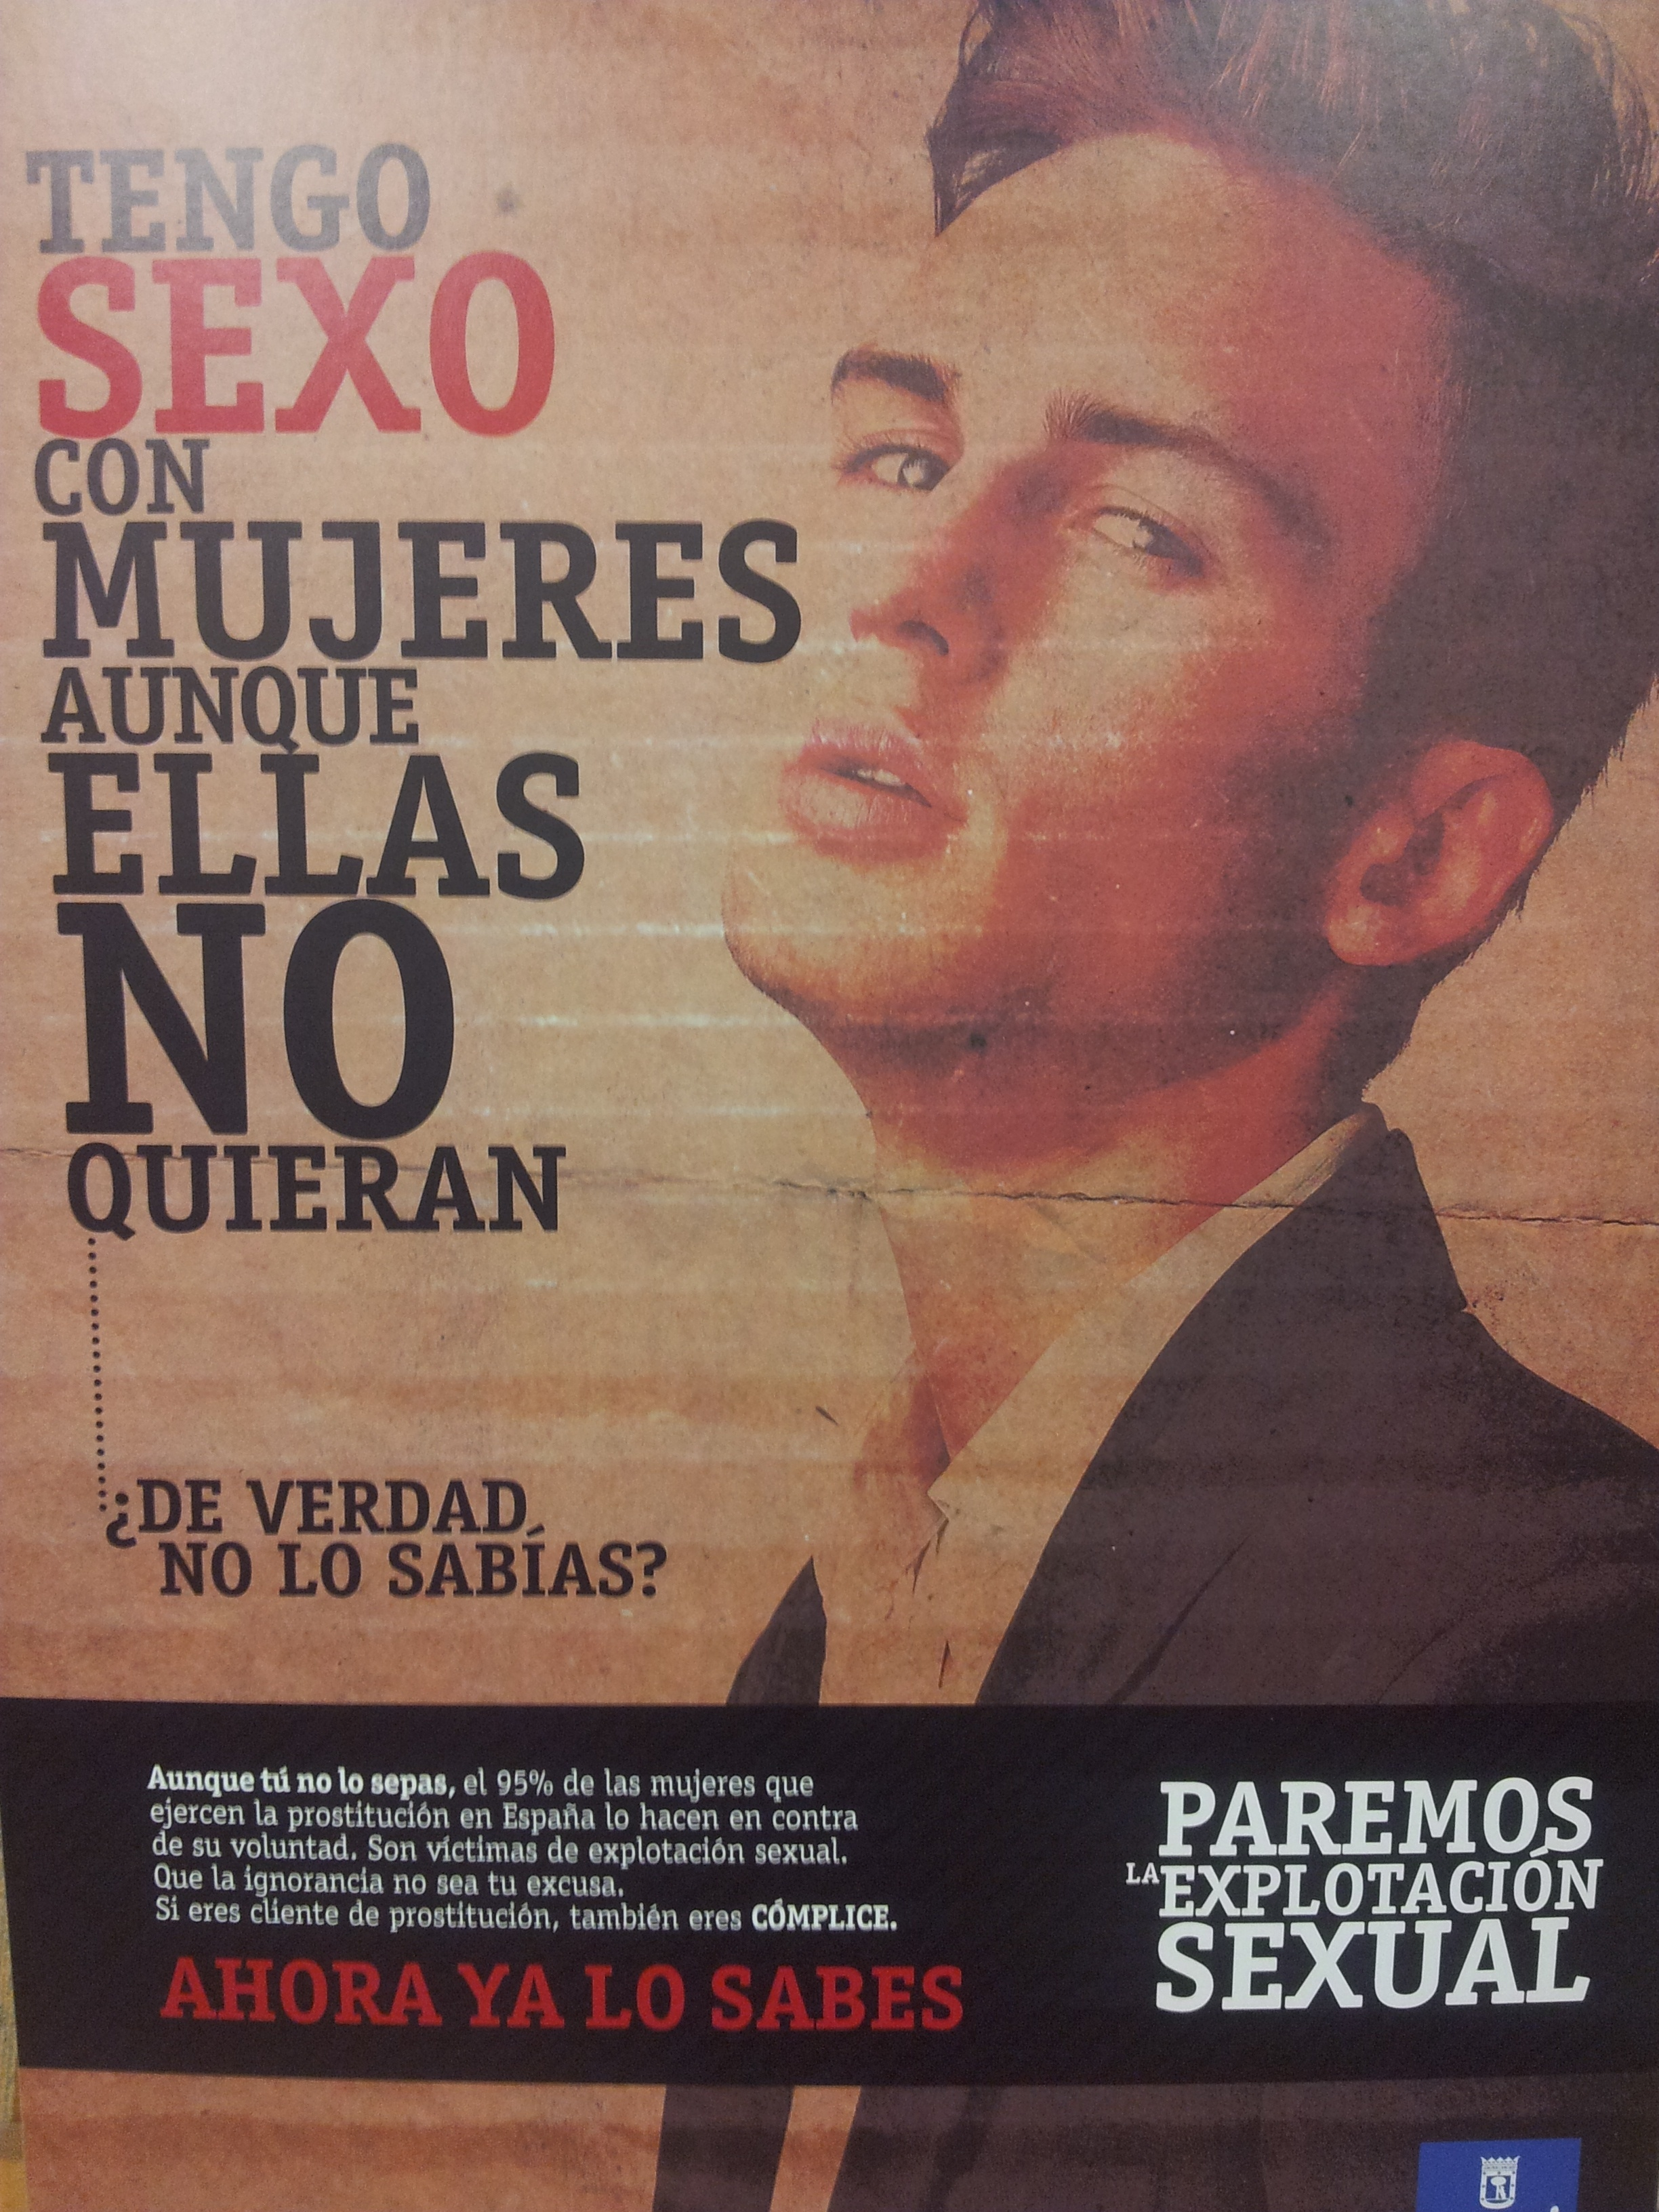 El Ayuntamiento de Madrid pone en marcha una campaña para desalentar a los demandantes de la prostitución